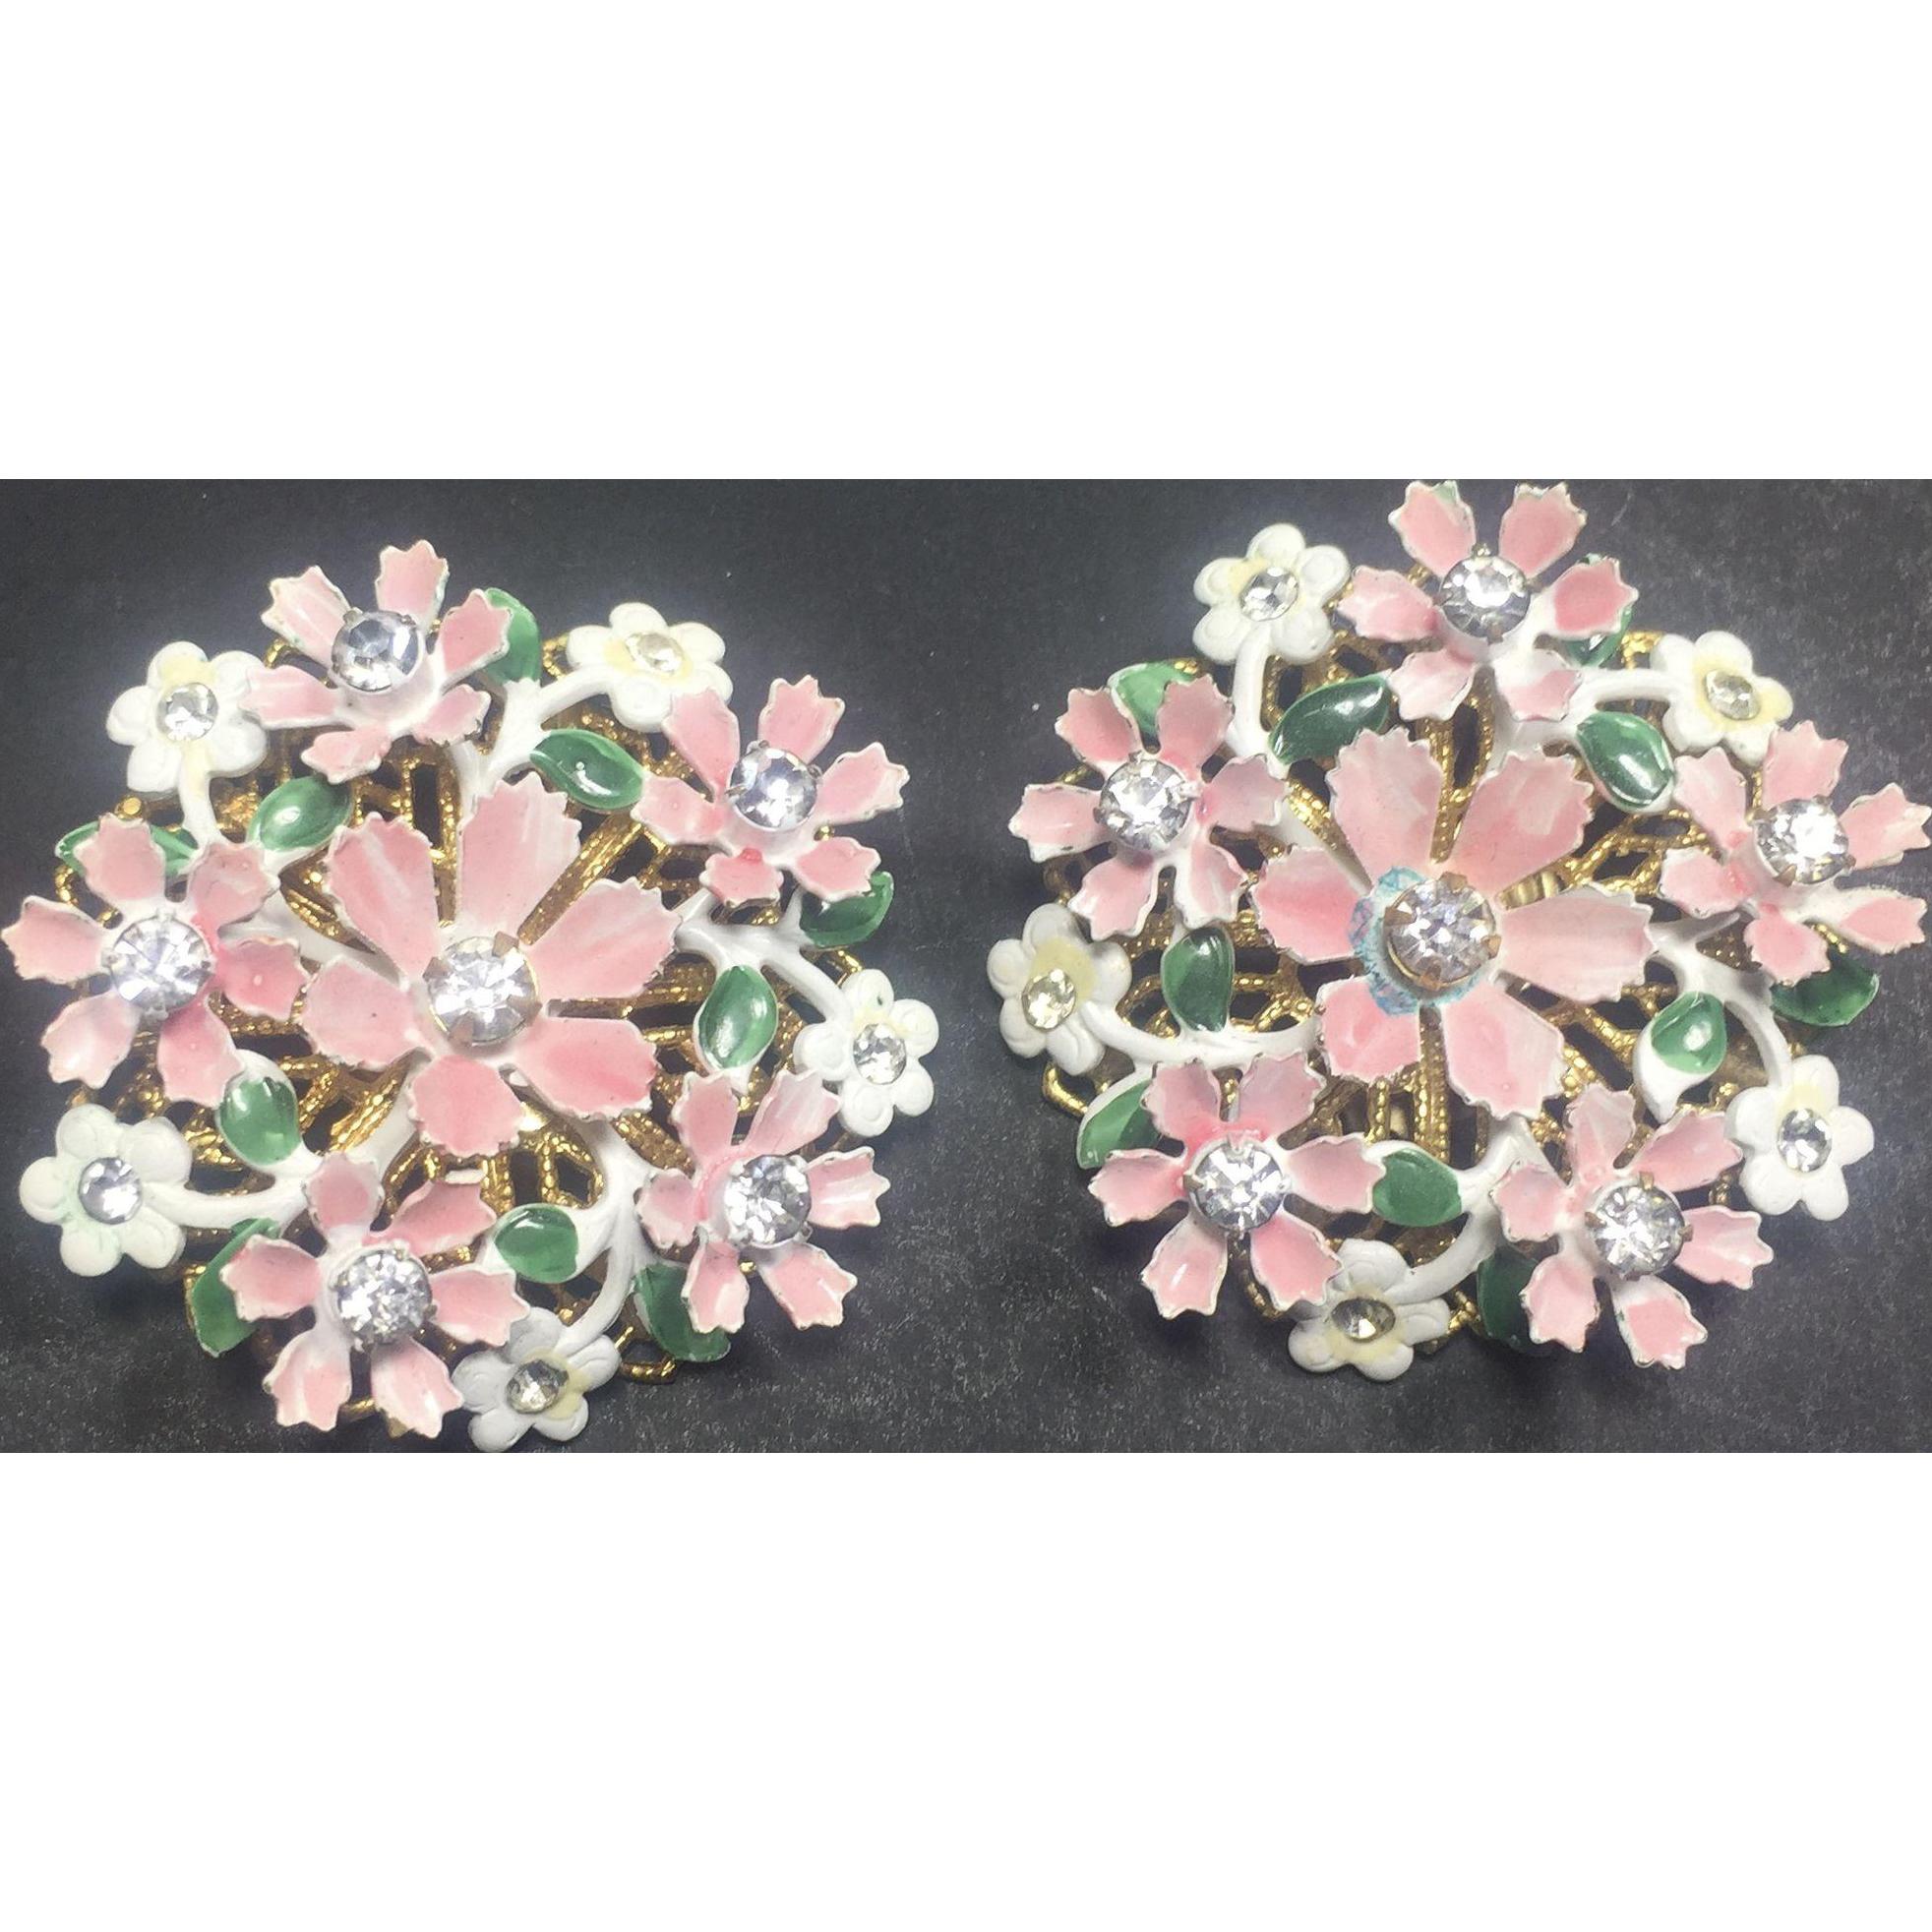 Vintage Earrings Metal & Enamel Pink & White Flowers w Rhinestone